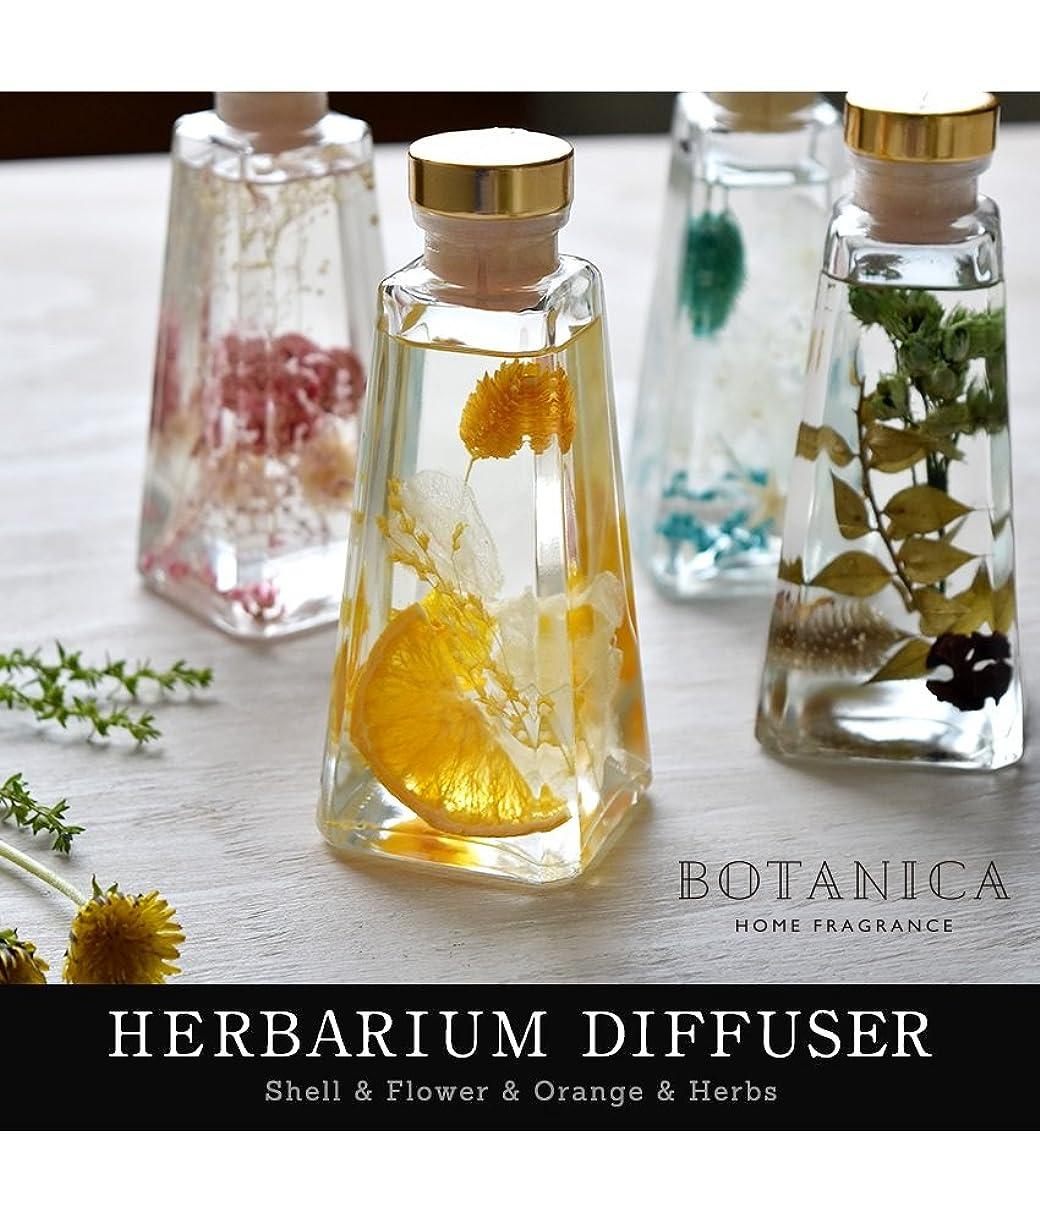 リズム大きなスケールで見ると不一致ボタニカ ハーバリウム ディフューザー 【グリーン/Neat Herbs】 ホームフレグランス